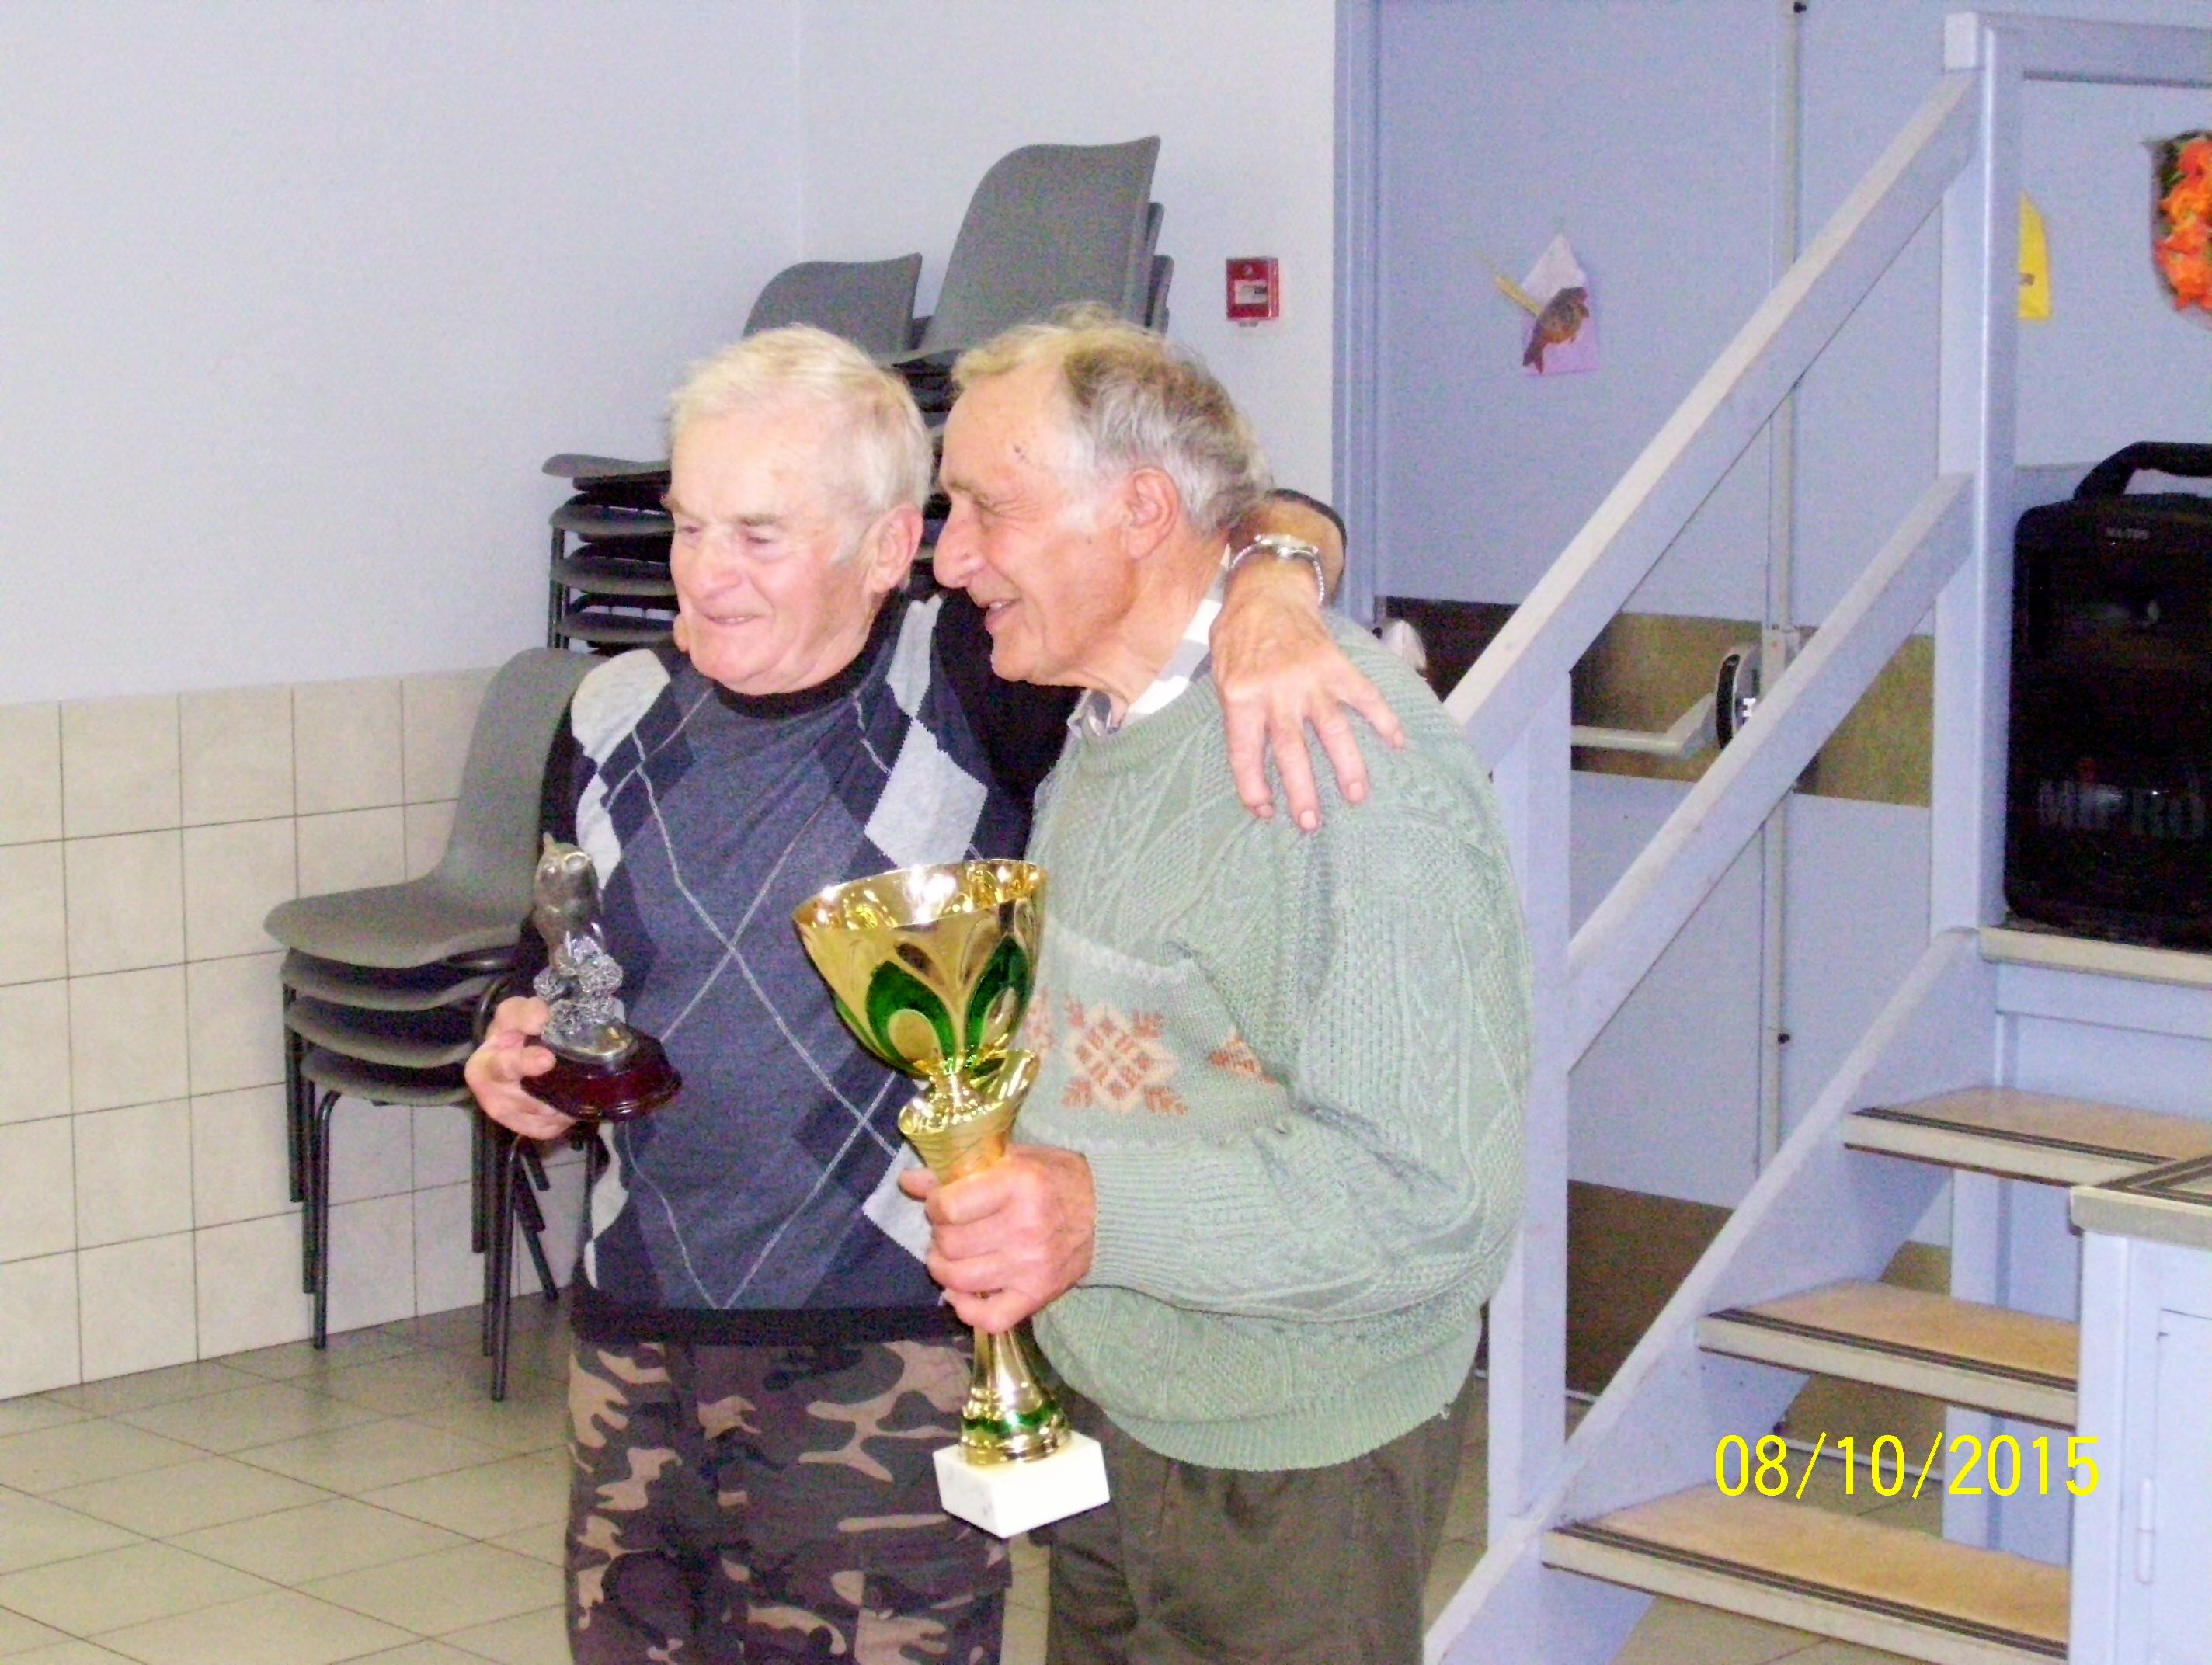 Mes concours entre Papy retraités - Page 4 15101201140016174113654436